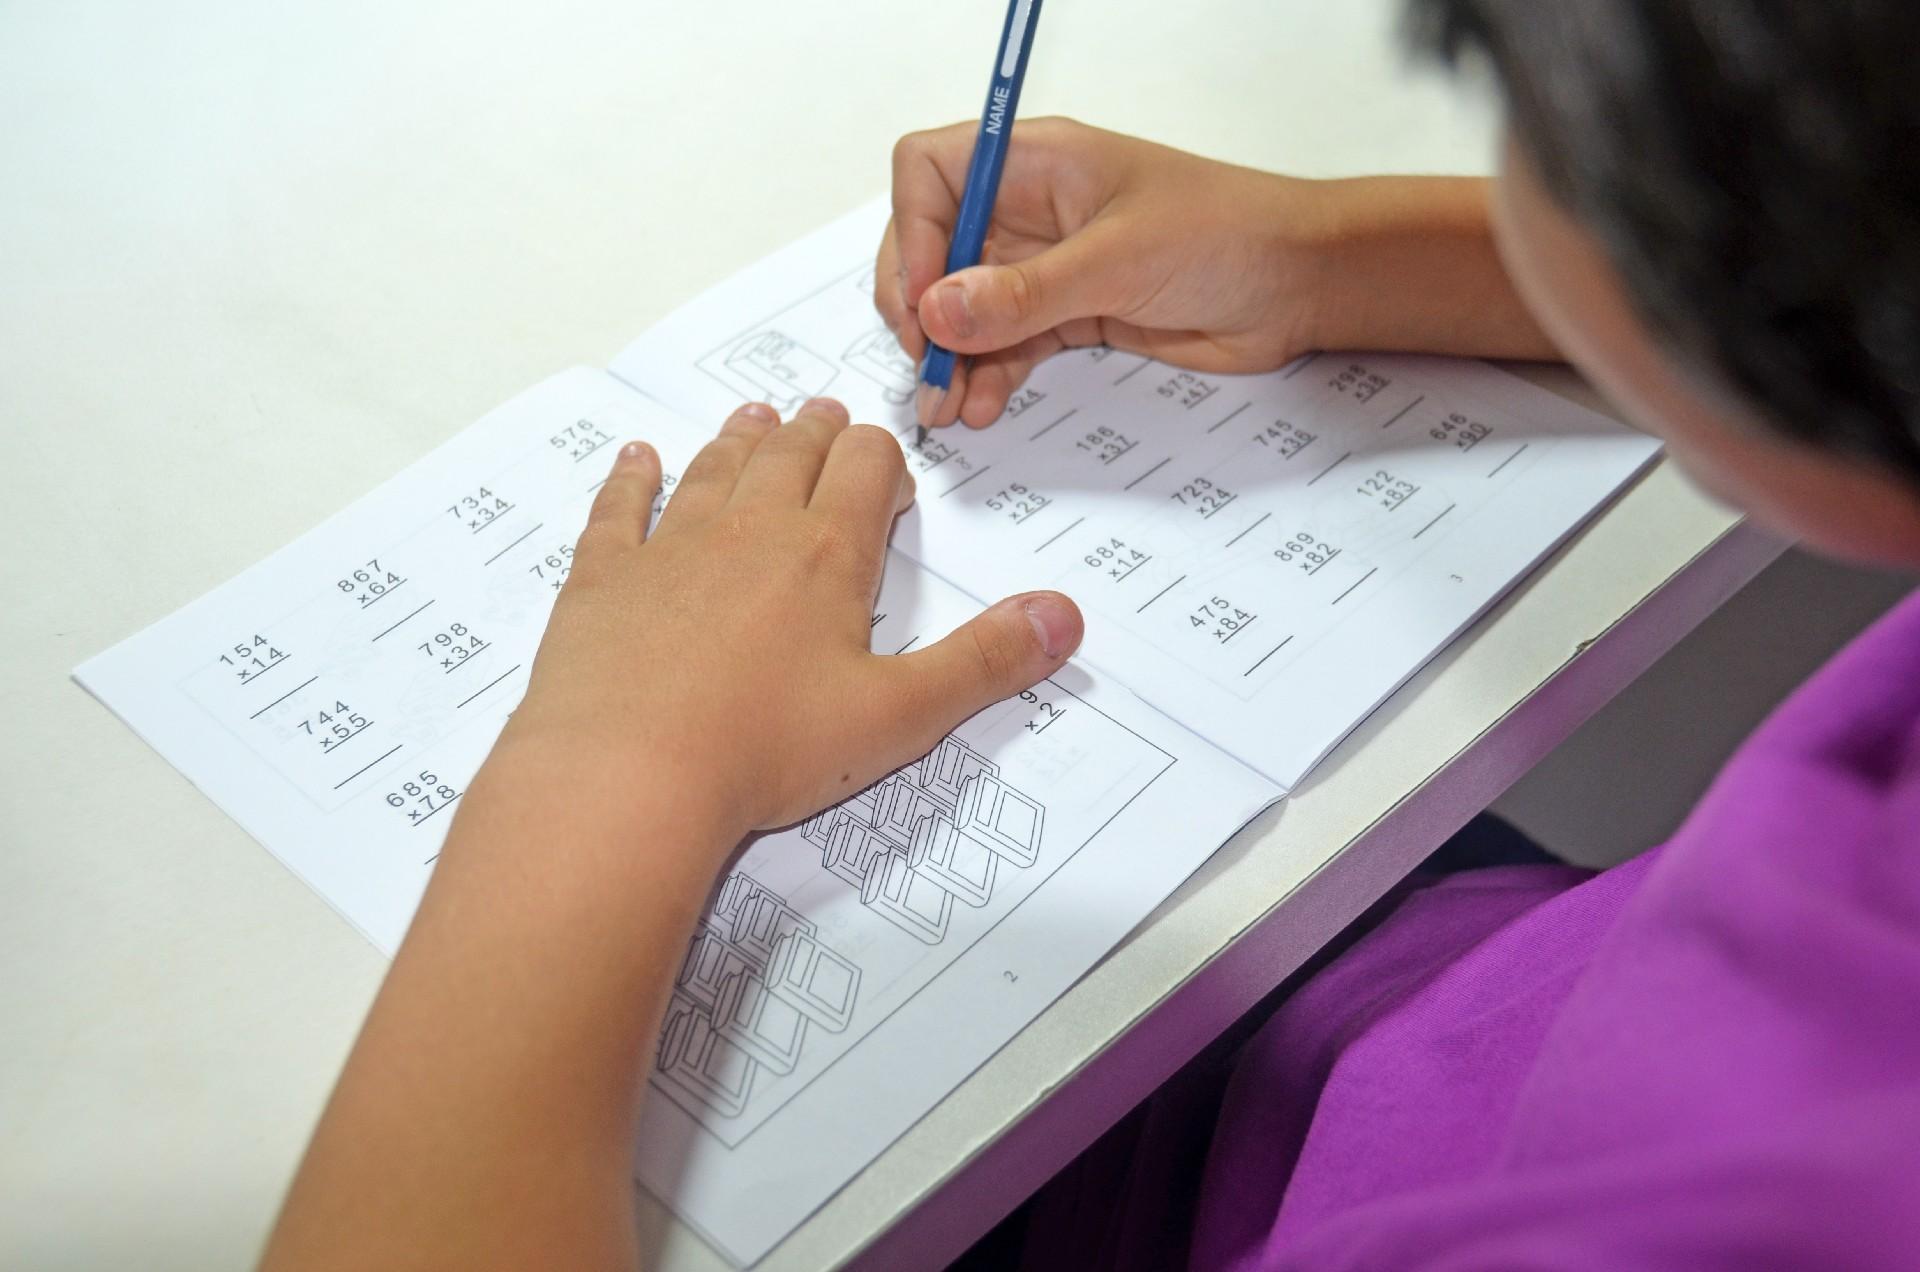 全国学力テストで平均正答率ランキングよりも大切なこと-日本の子どもの現状を知る①